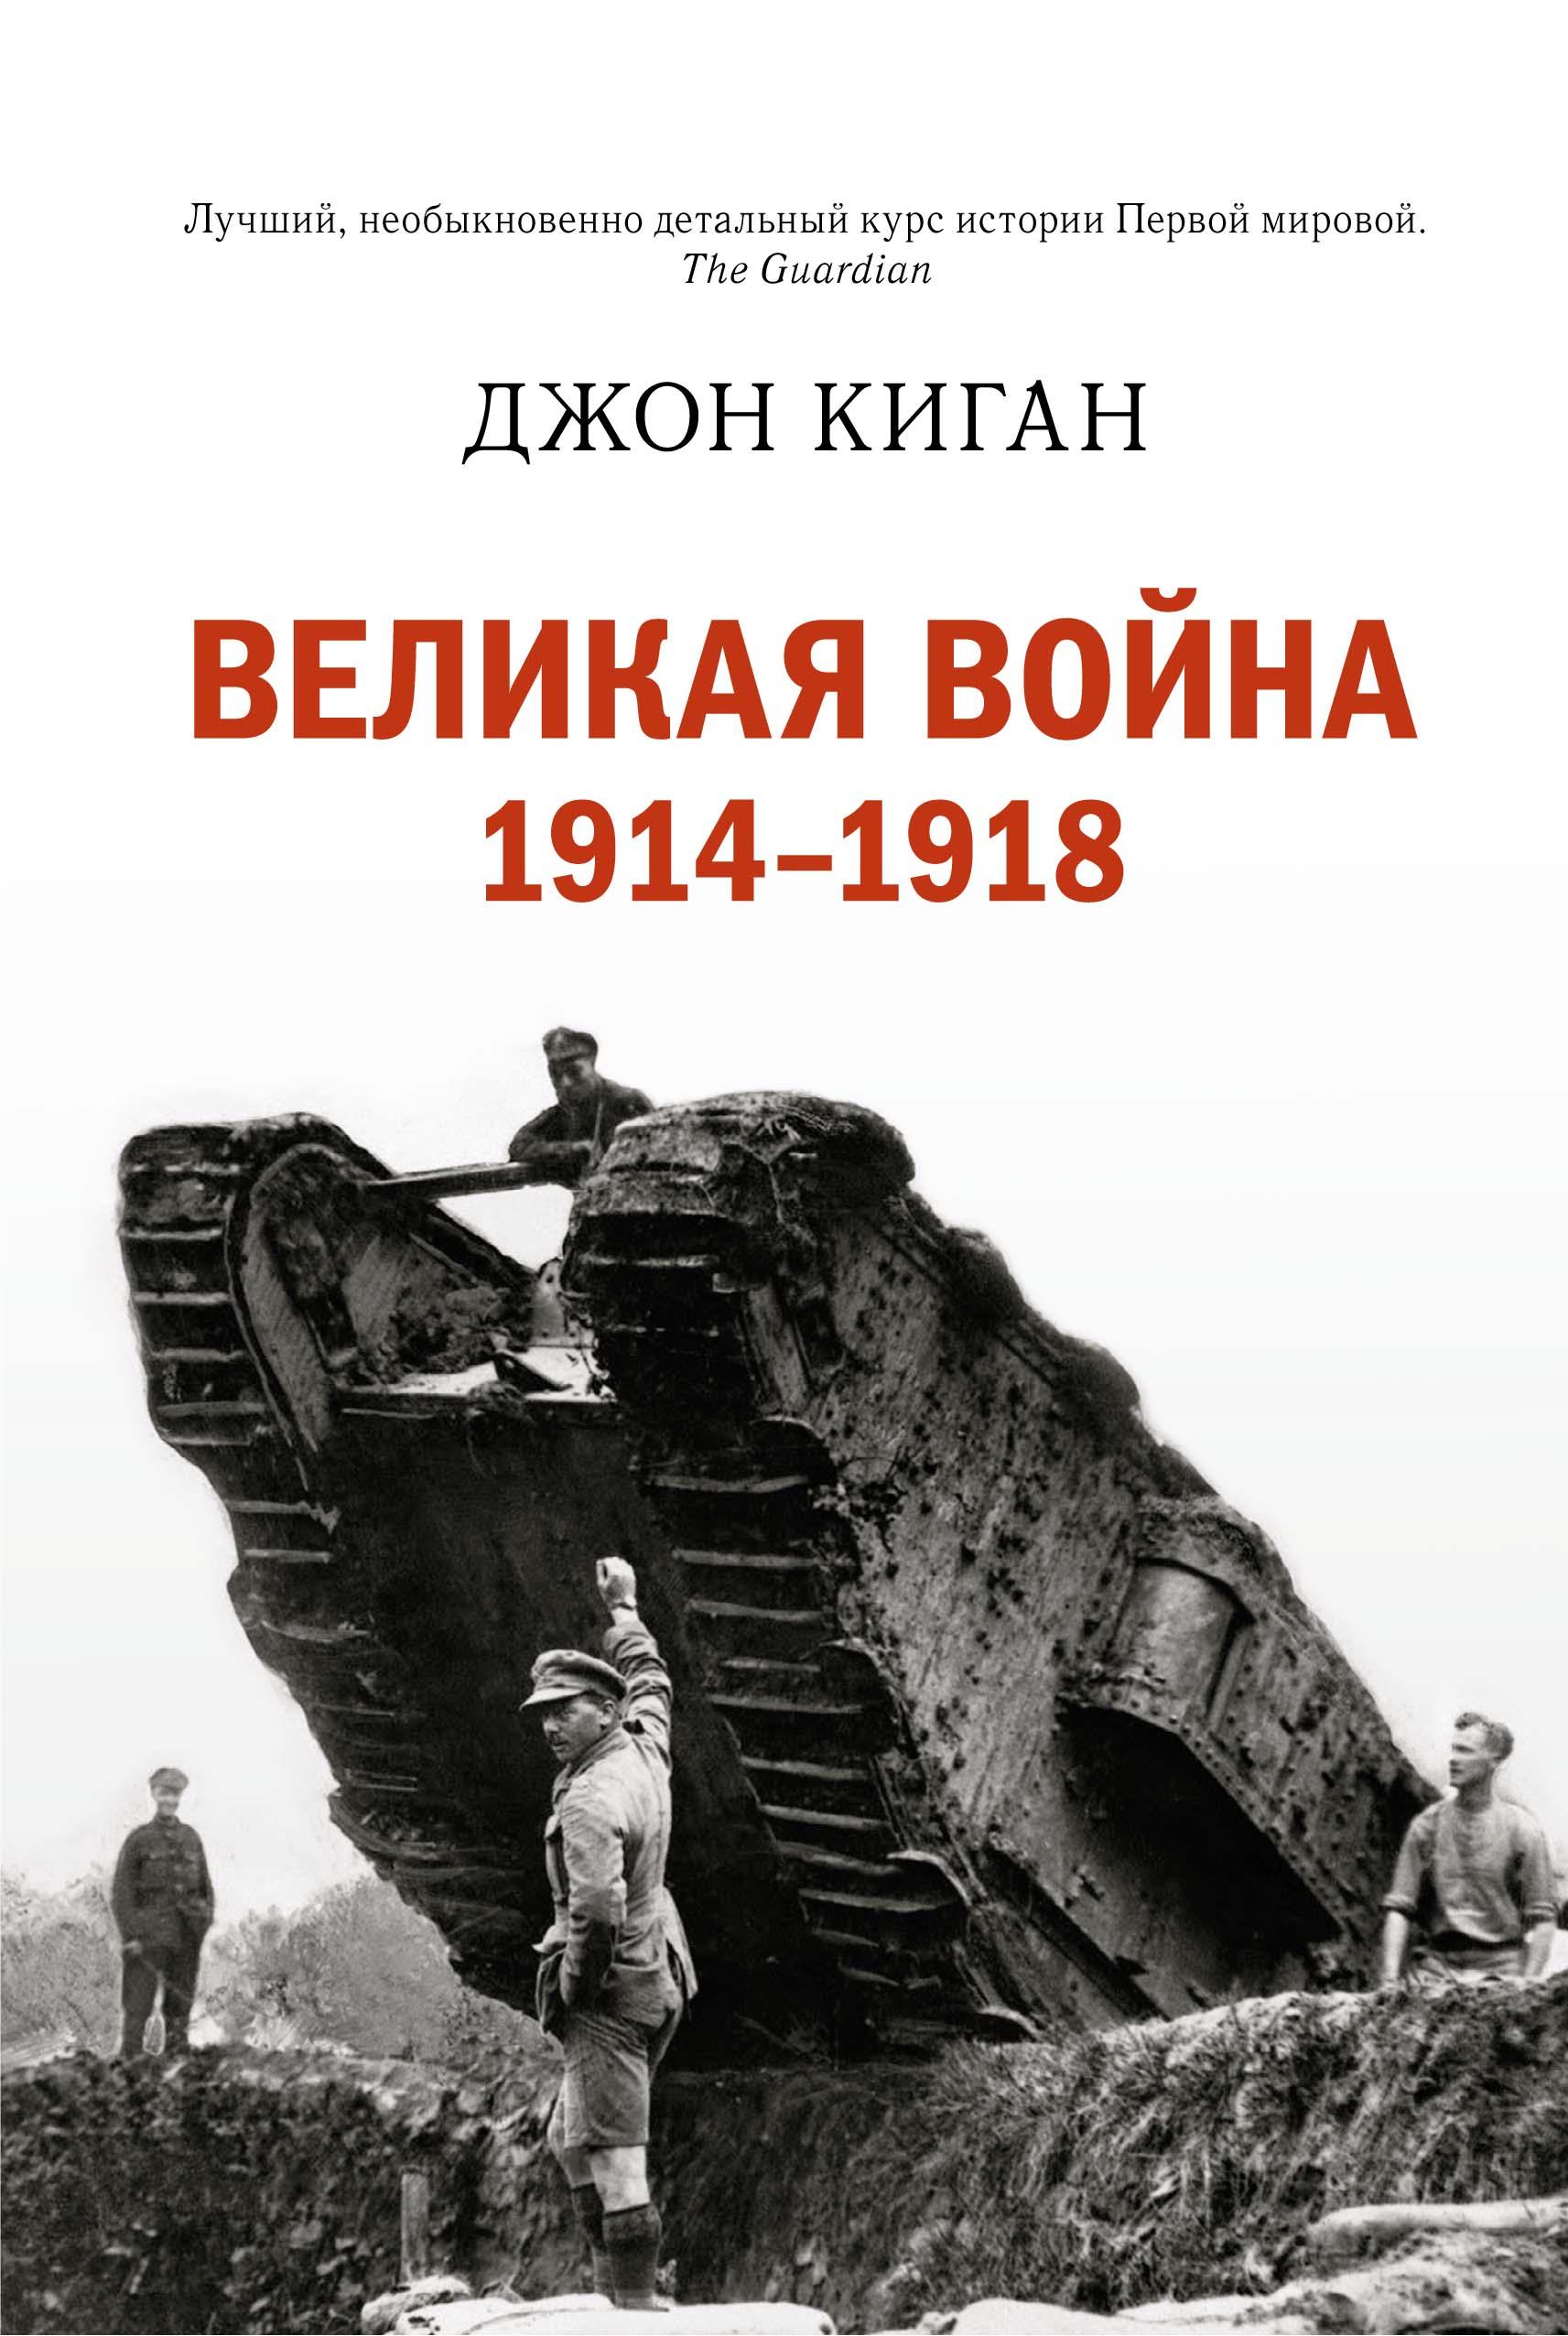 Великая война 1914-1918